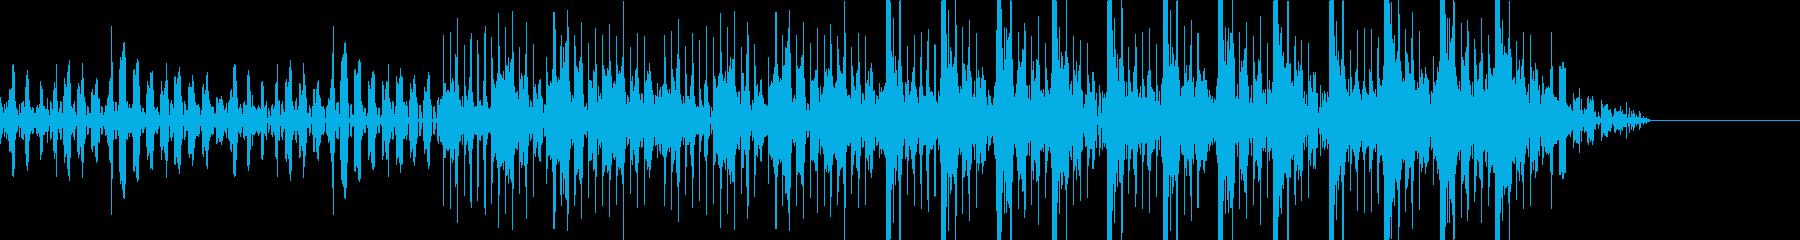 キラキラ・乙女トラップ・冬の再生済みの波形